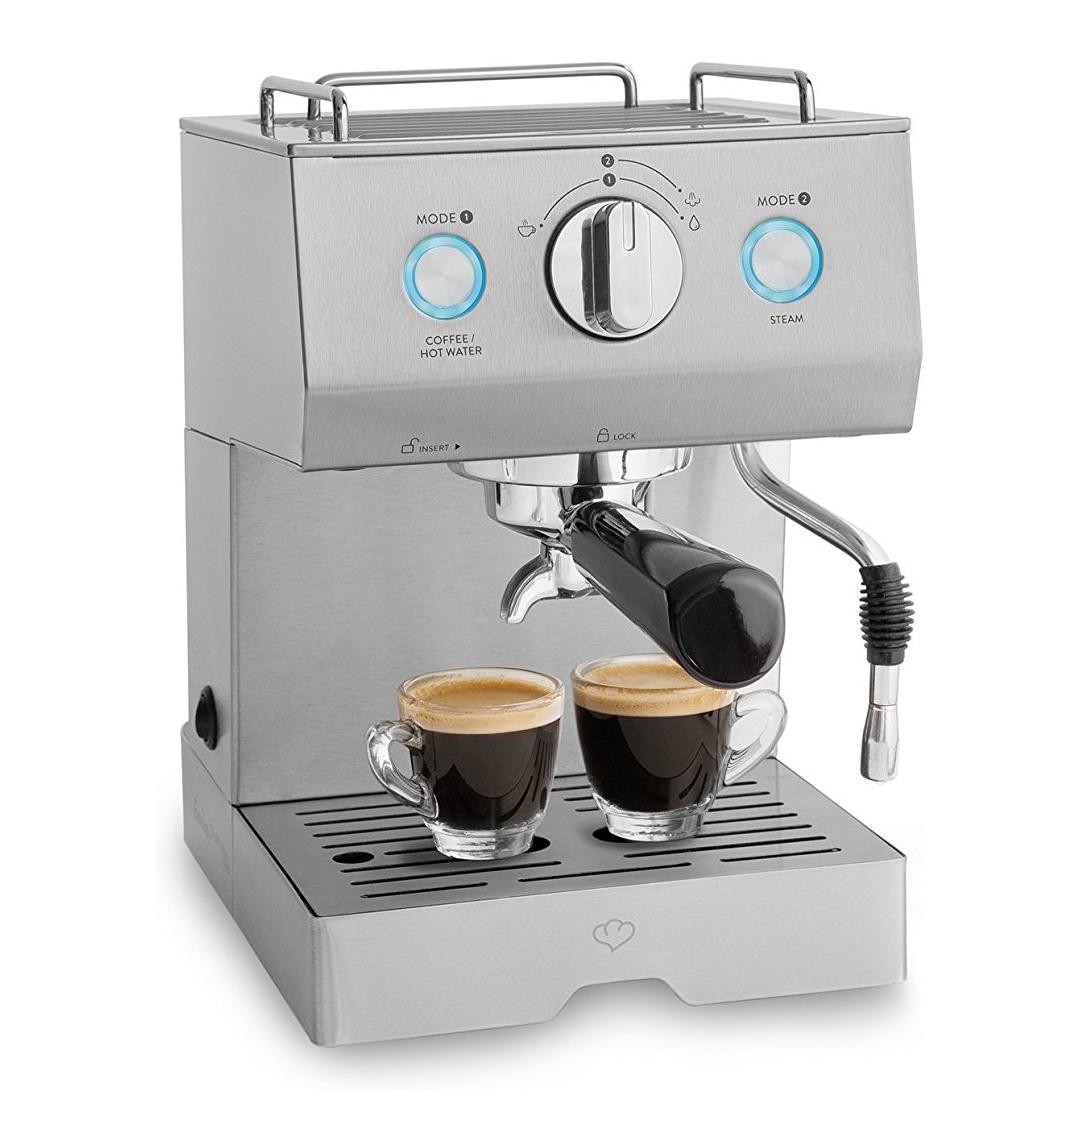 [Amazon] Springlane Emilia 1140W, Siebträger-Espressomaschine, Kaffeemaschine inkl. Milchaufschäumer Funktion und Tamper, 15 bar